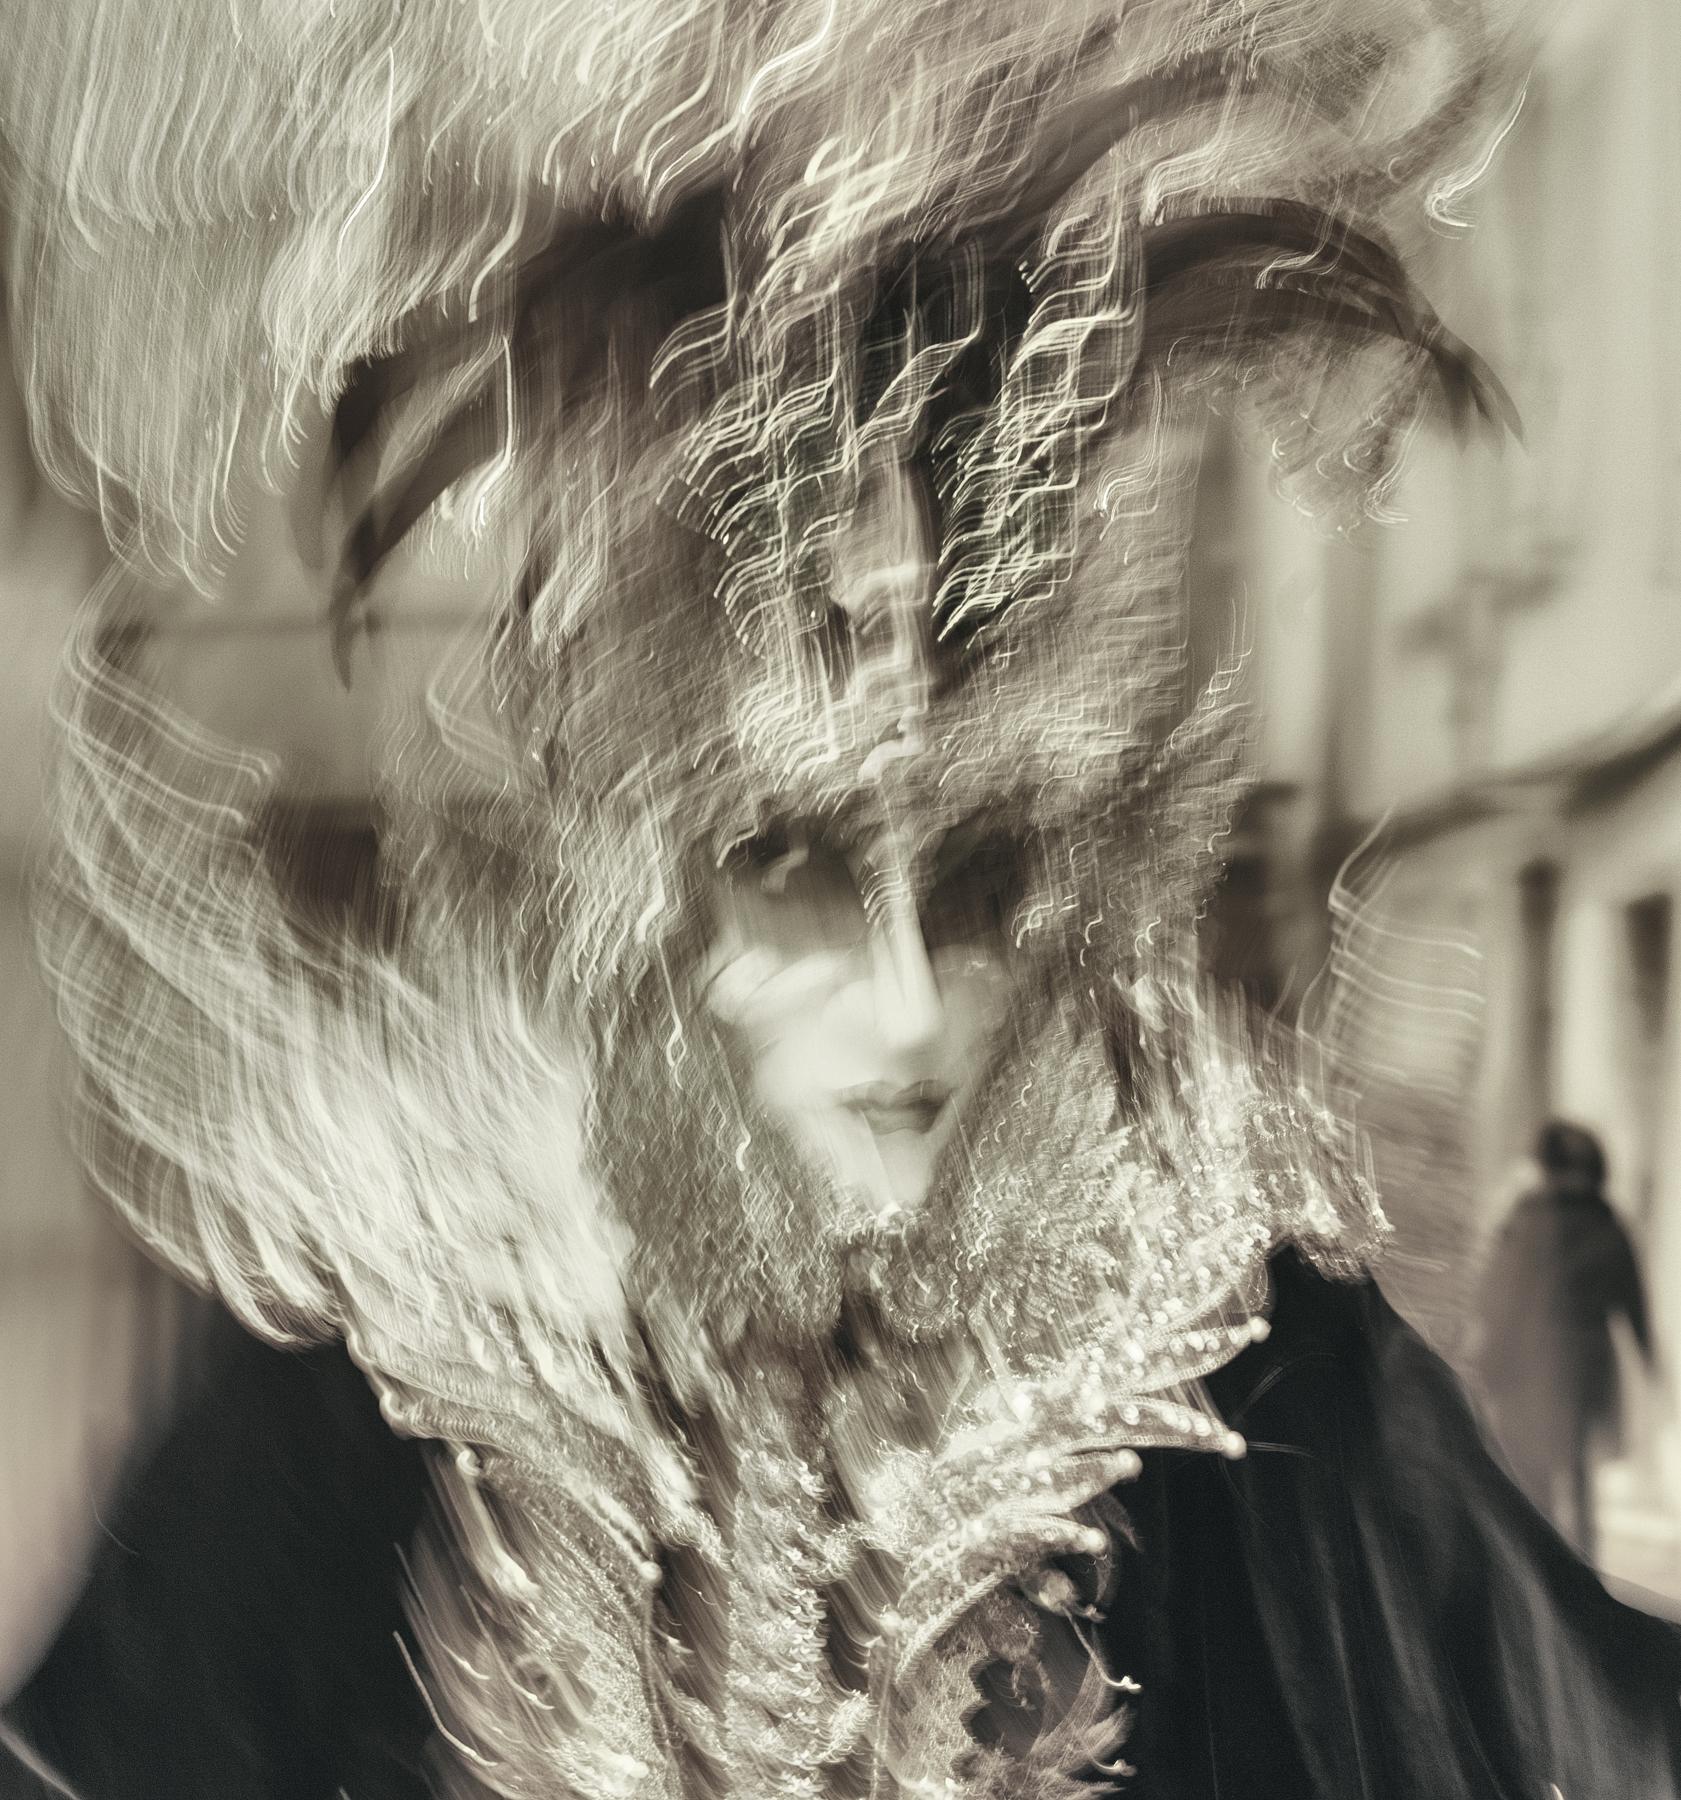 Daniel Munteanu_VenicePortraits_Sorcerer.jpg